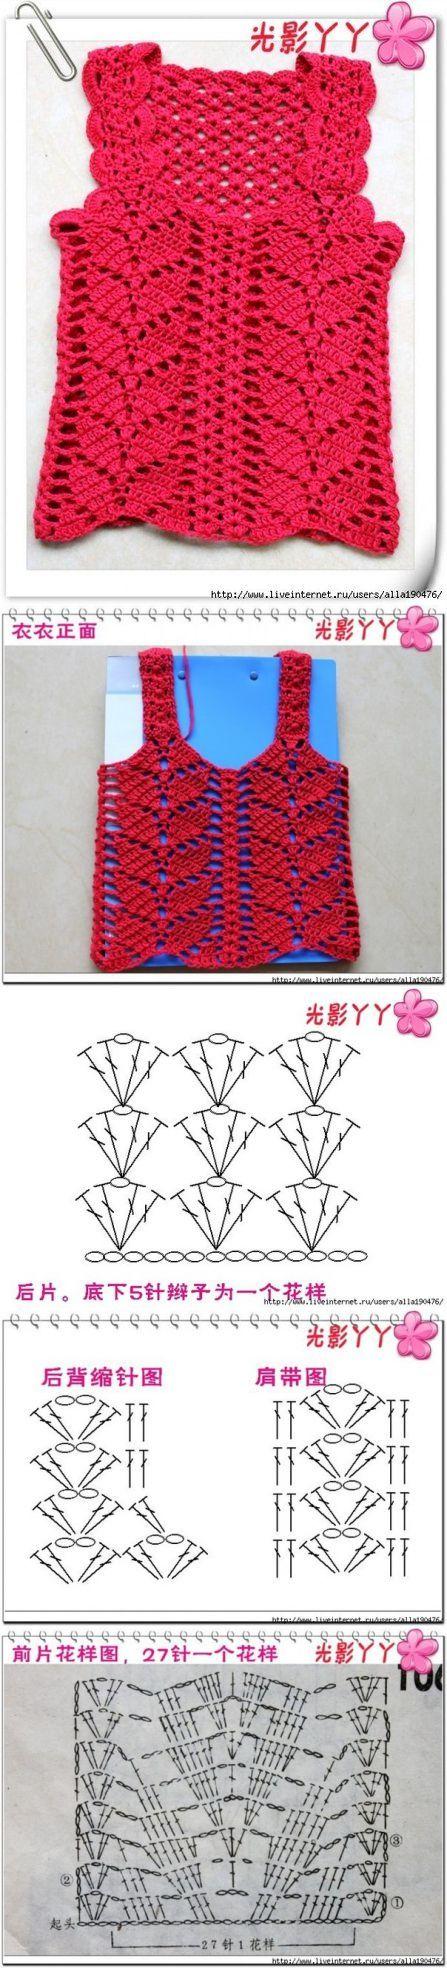 24 best Women - Camisole images on Pinterest | Blouses, Crochet ...